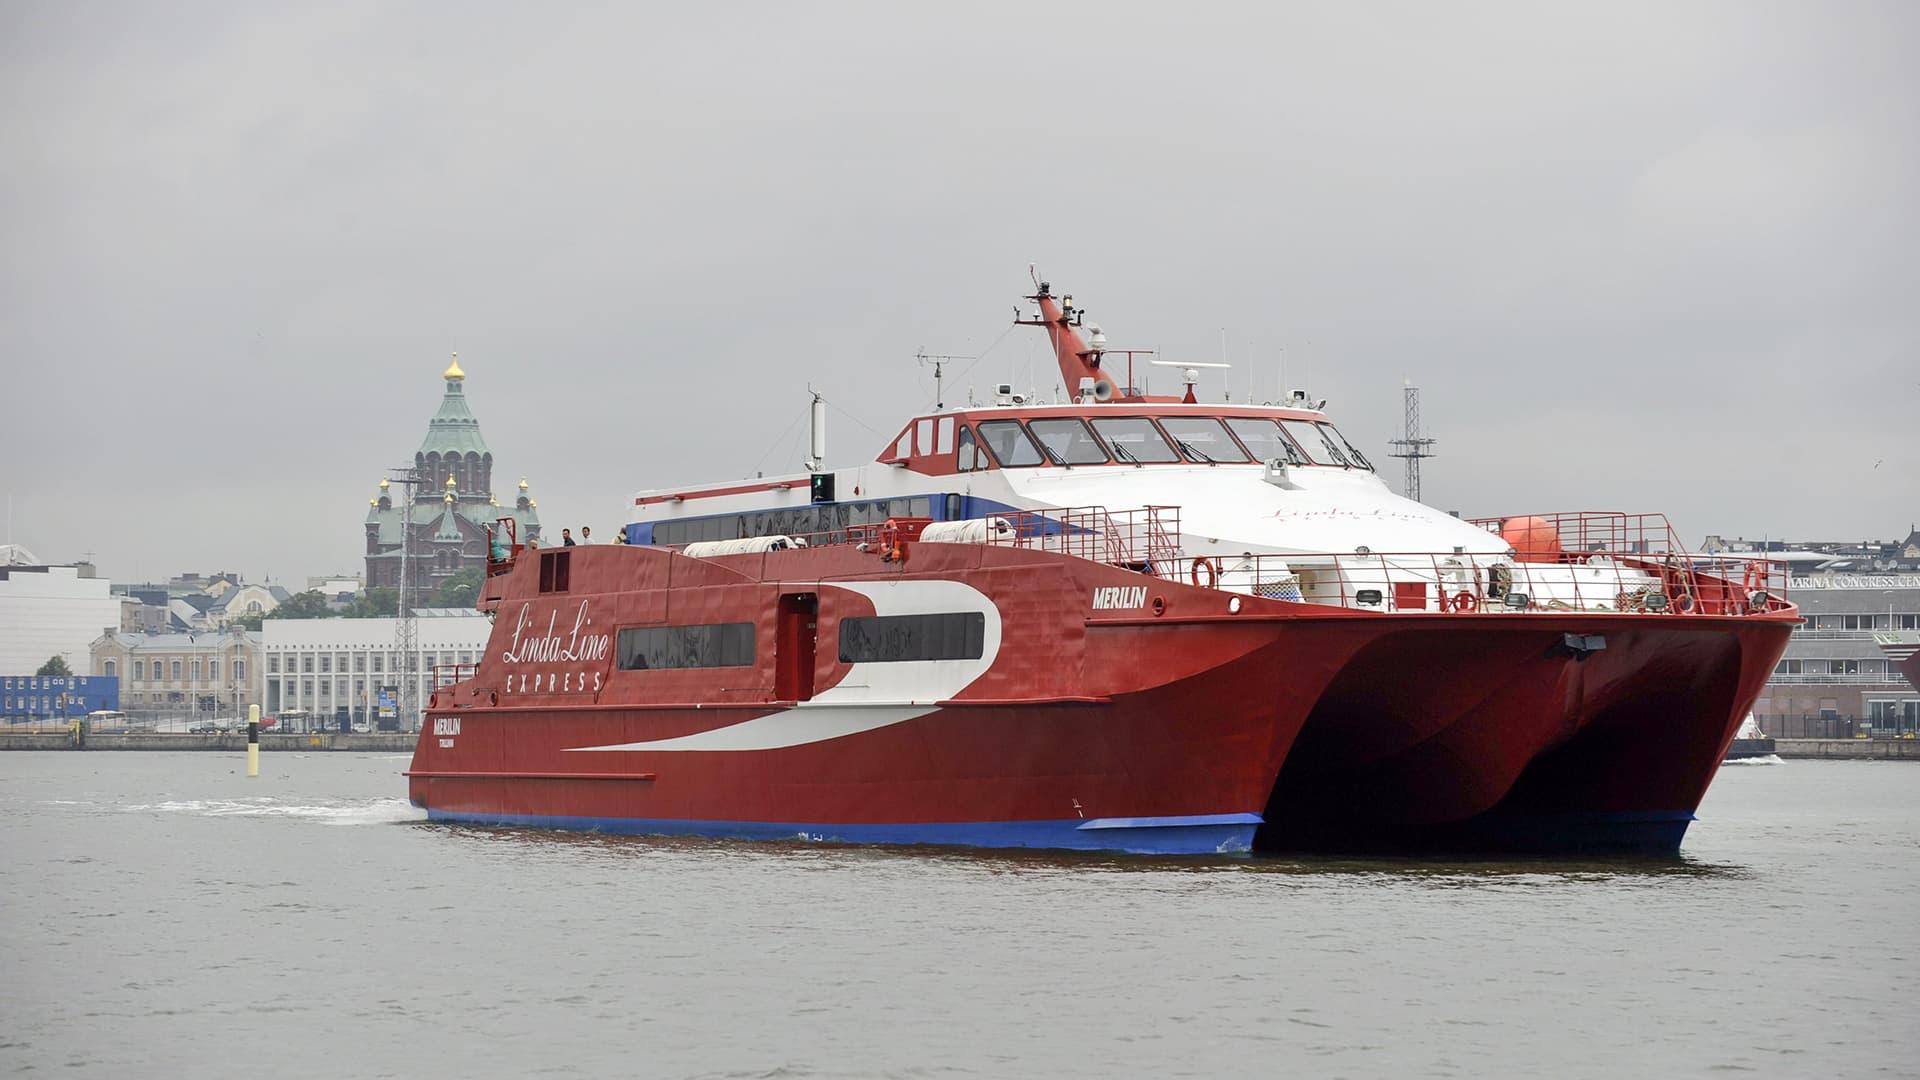 Linda Linen Merilin-alus Helsingin Eteläsatamassa 7. elokuuta 2012.